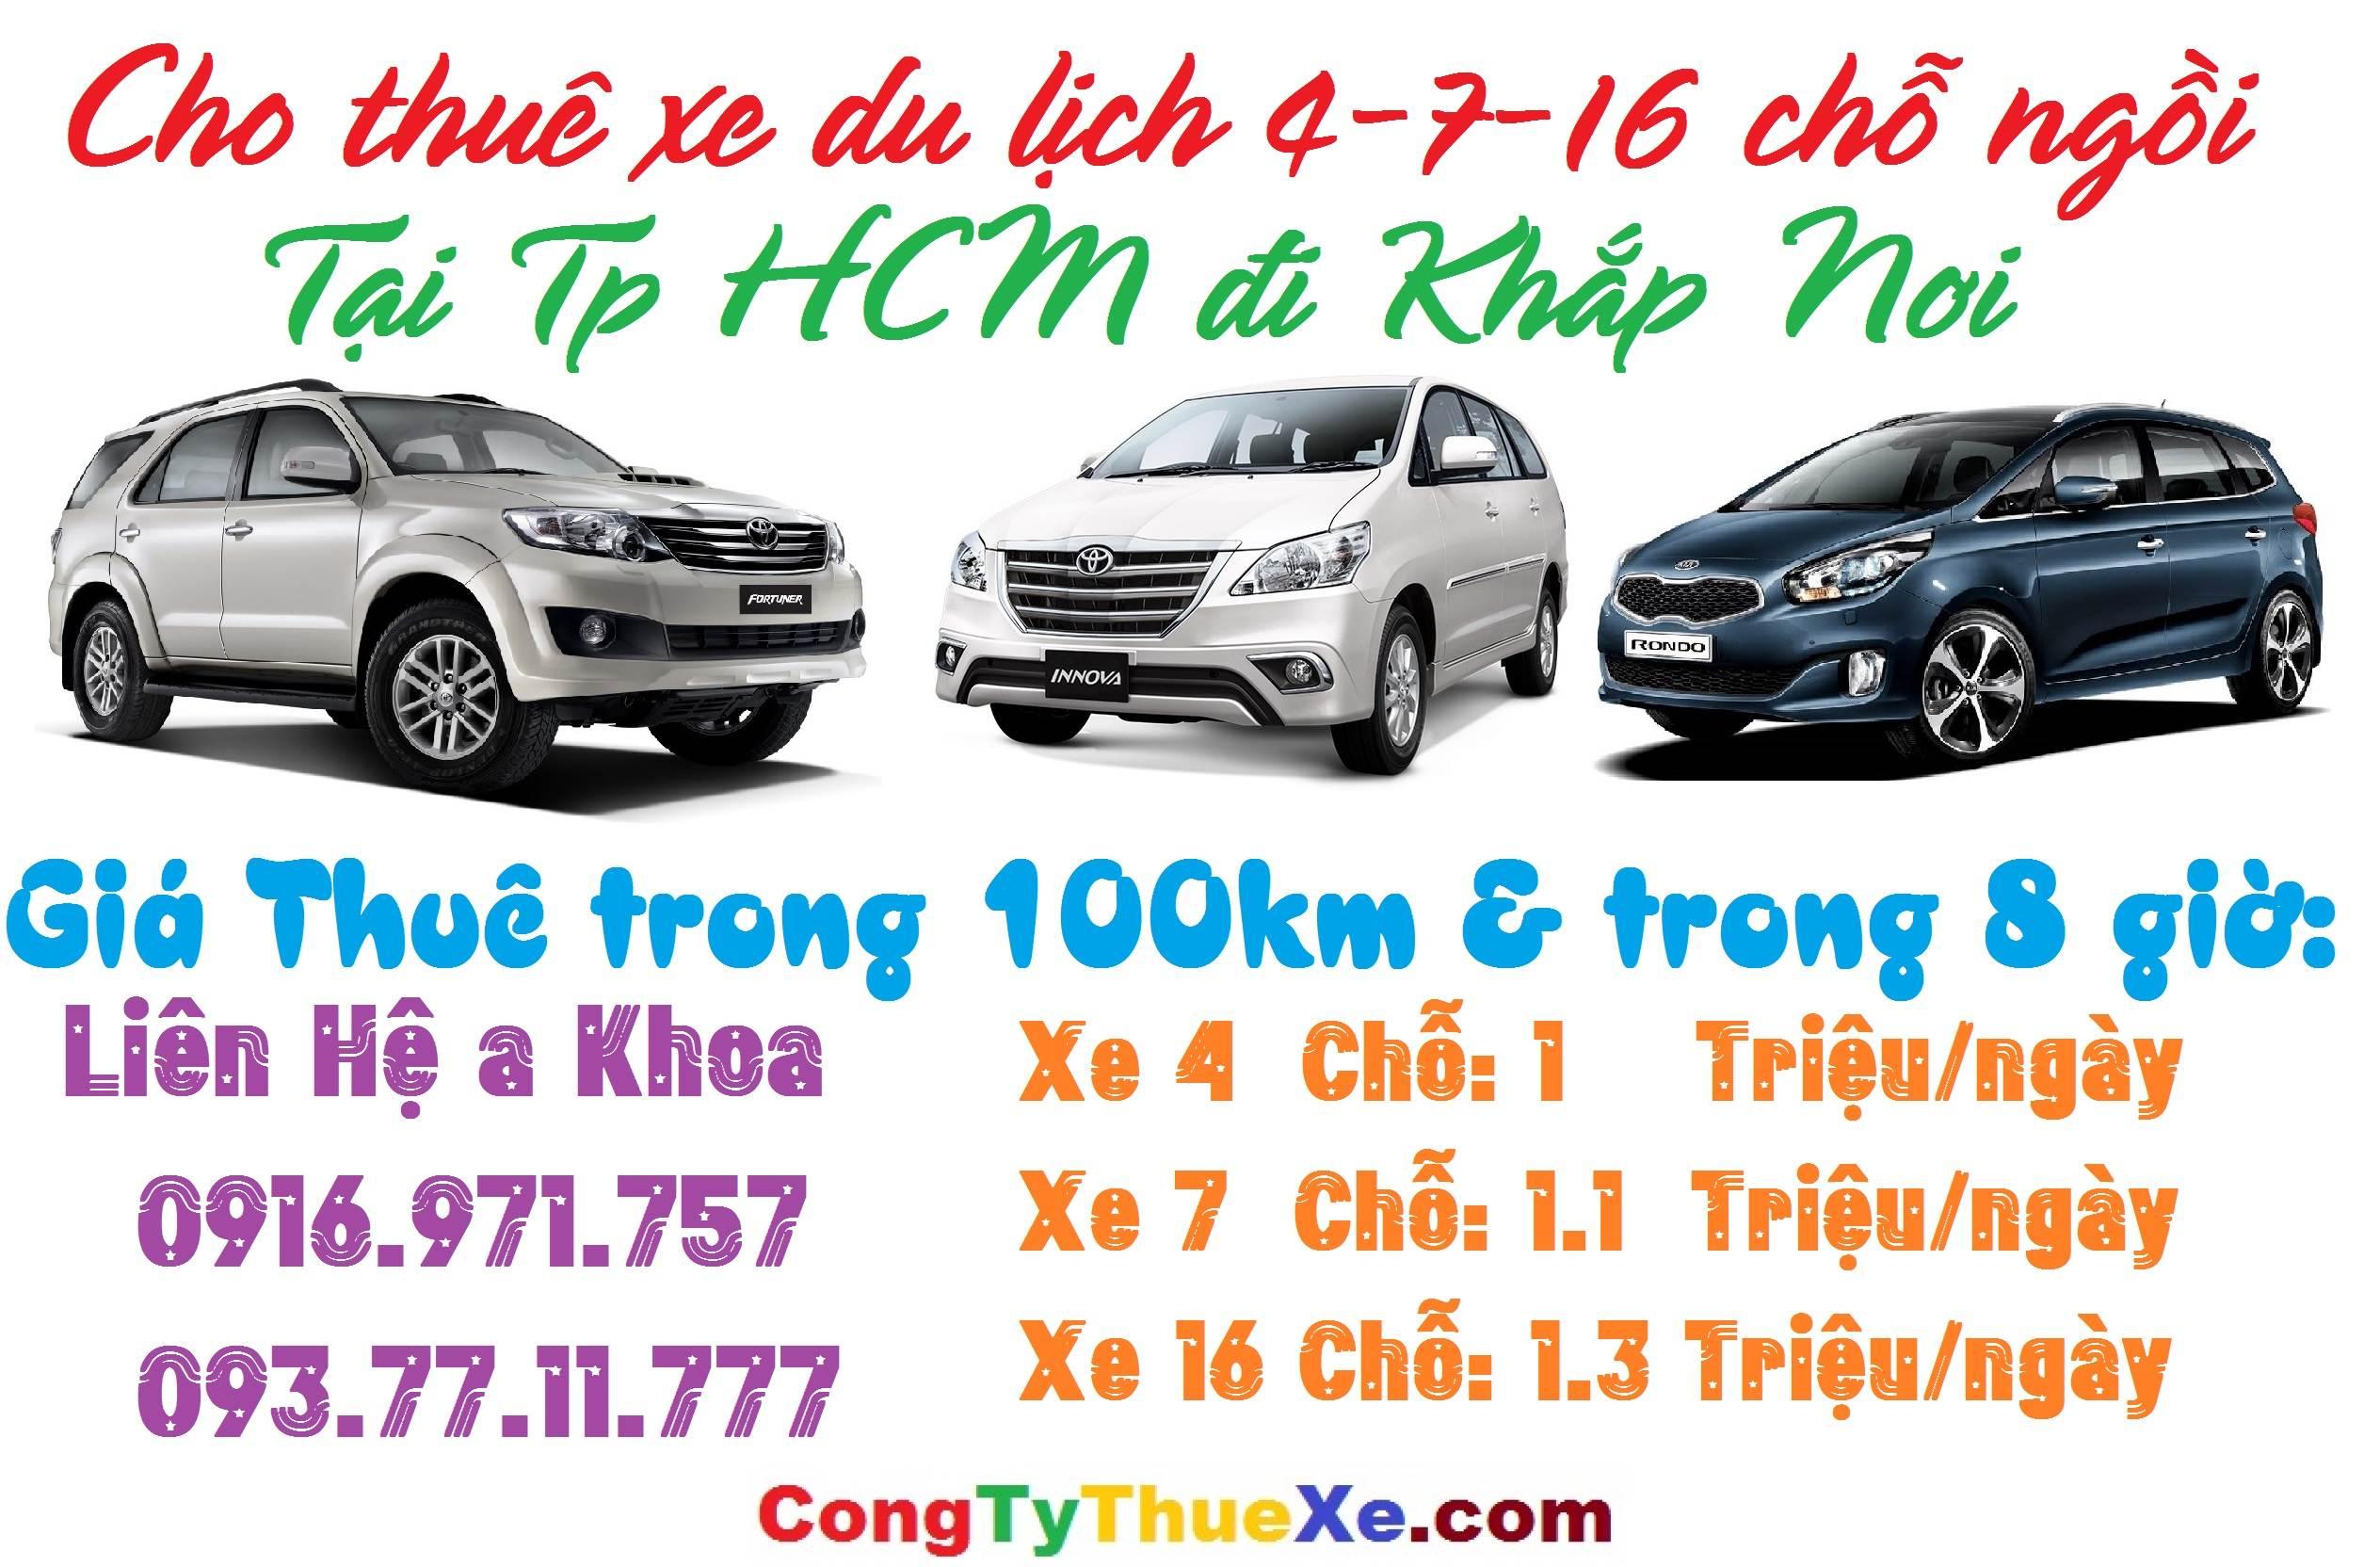 CHo thuê xe du lịch 4-7-16 chỗ ở TP HCM